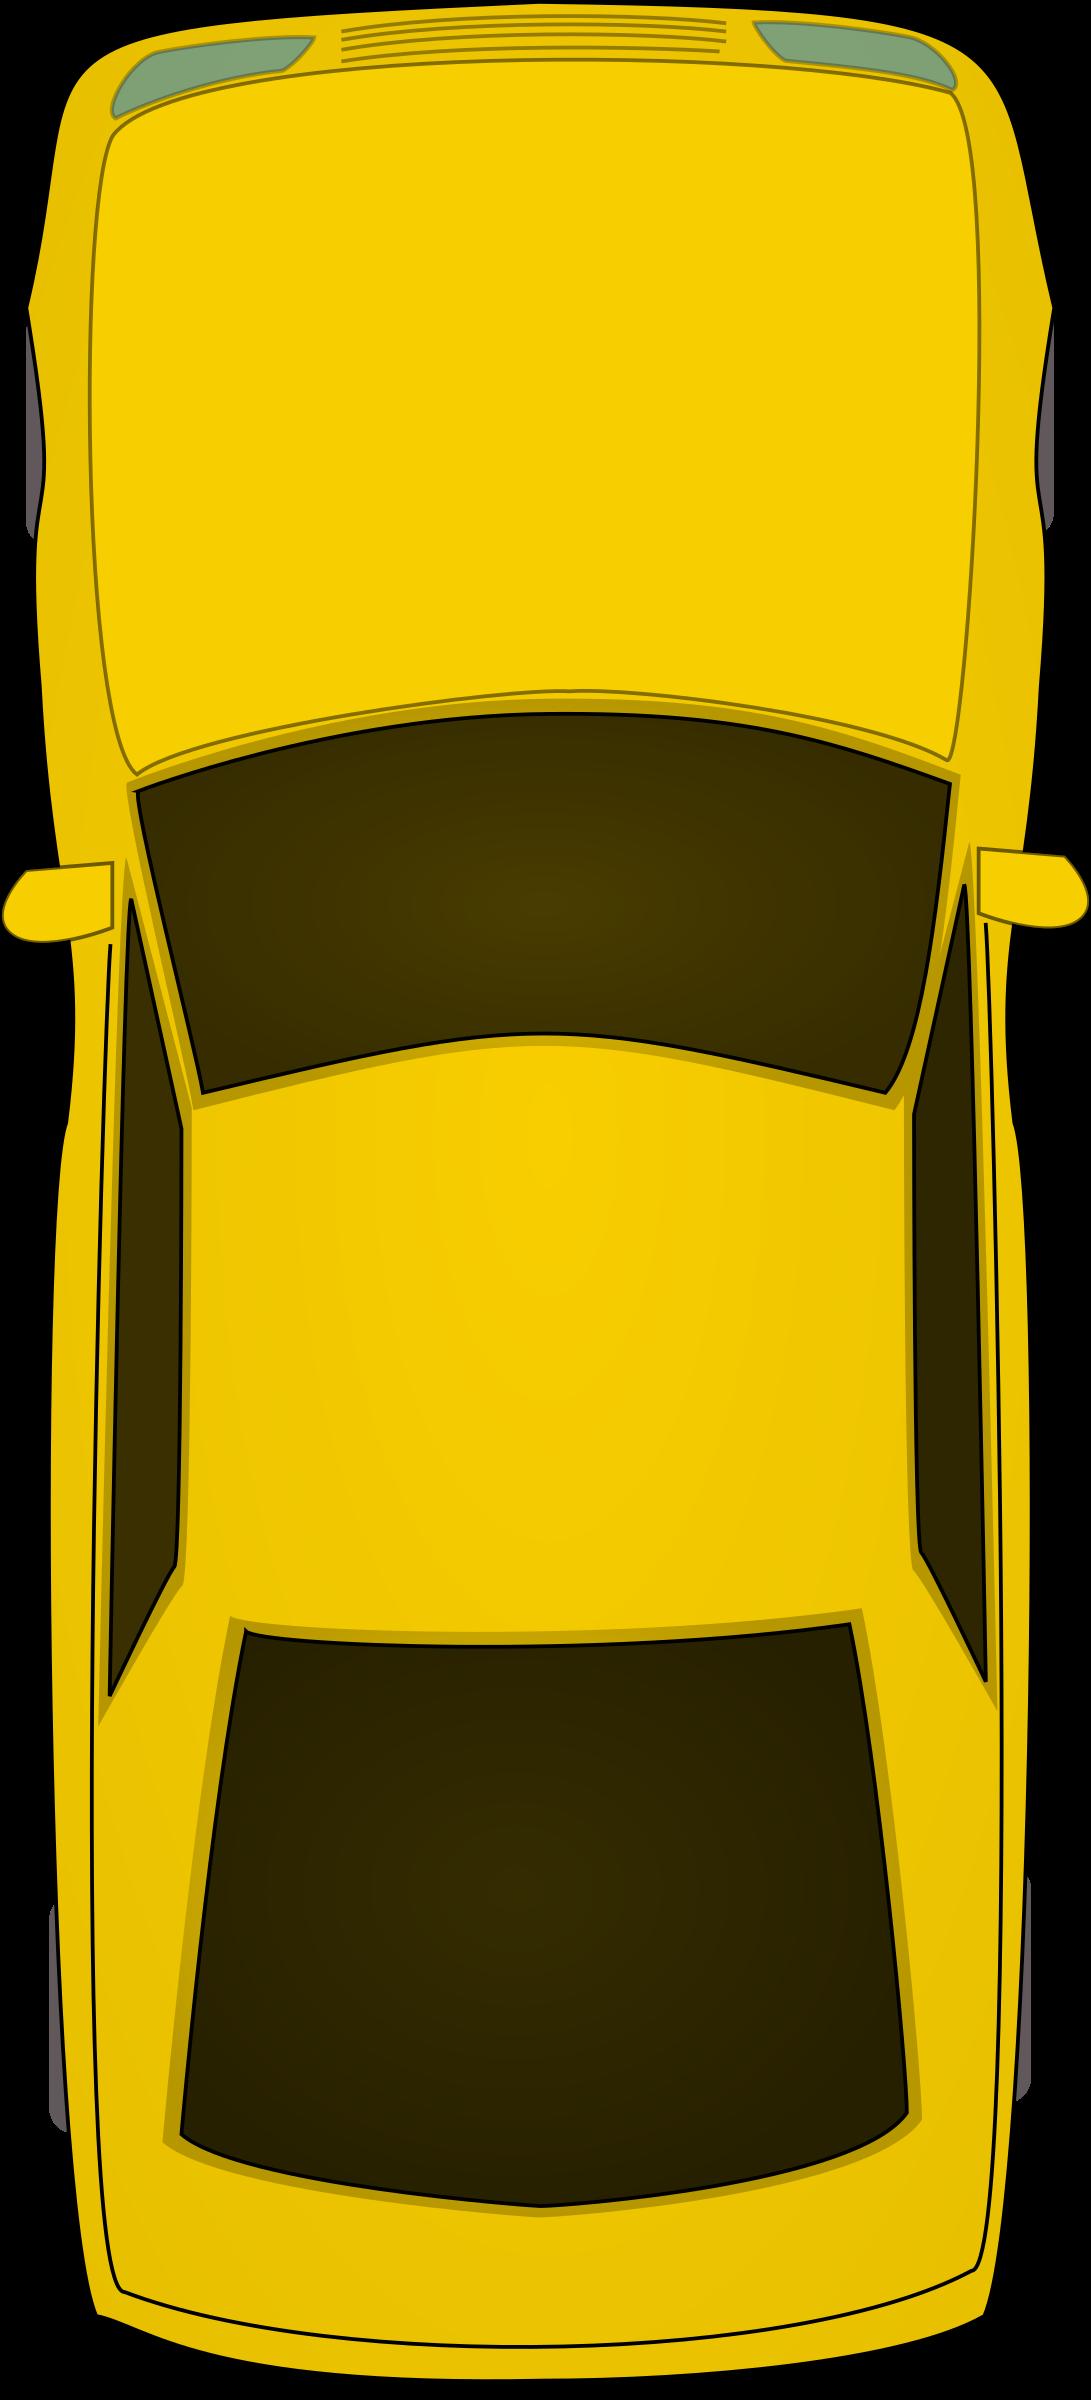 Aerial clipart view a car Art View Top up Lamborghini